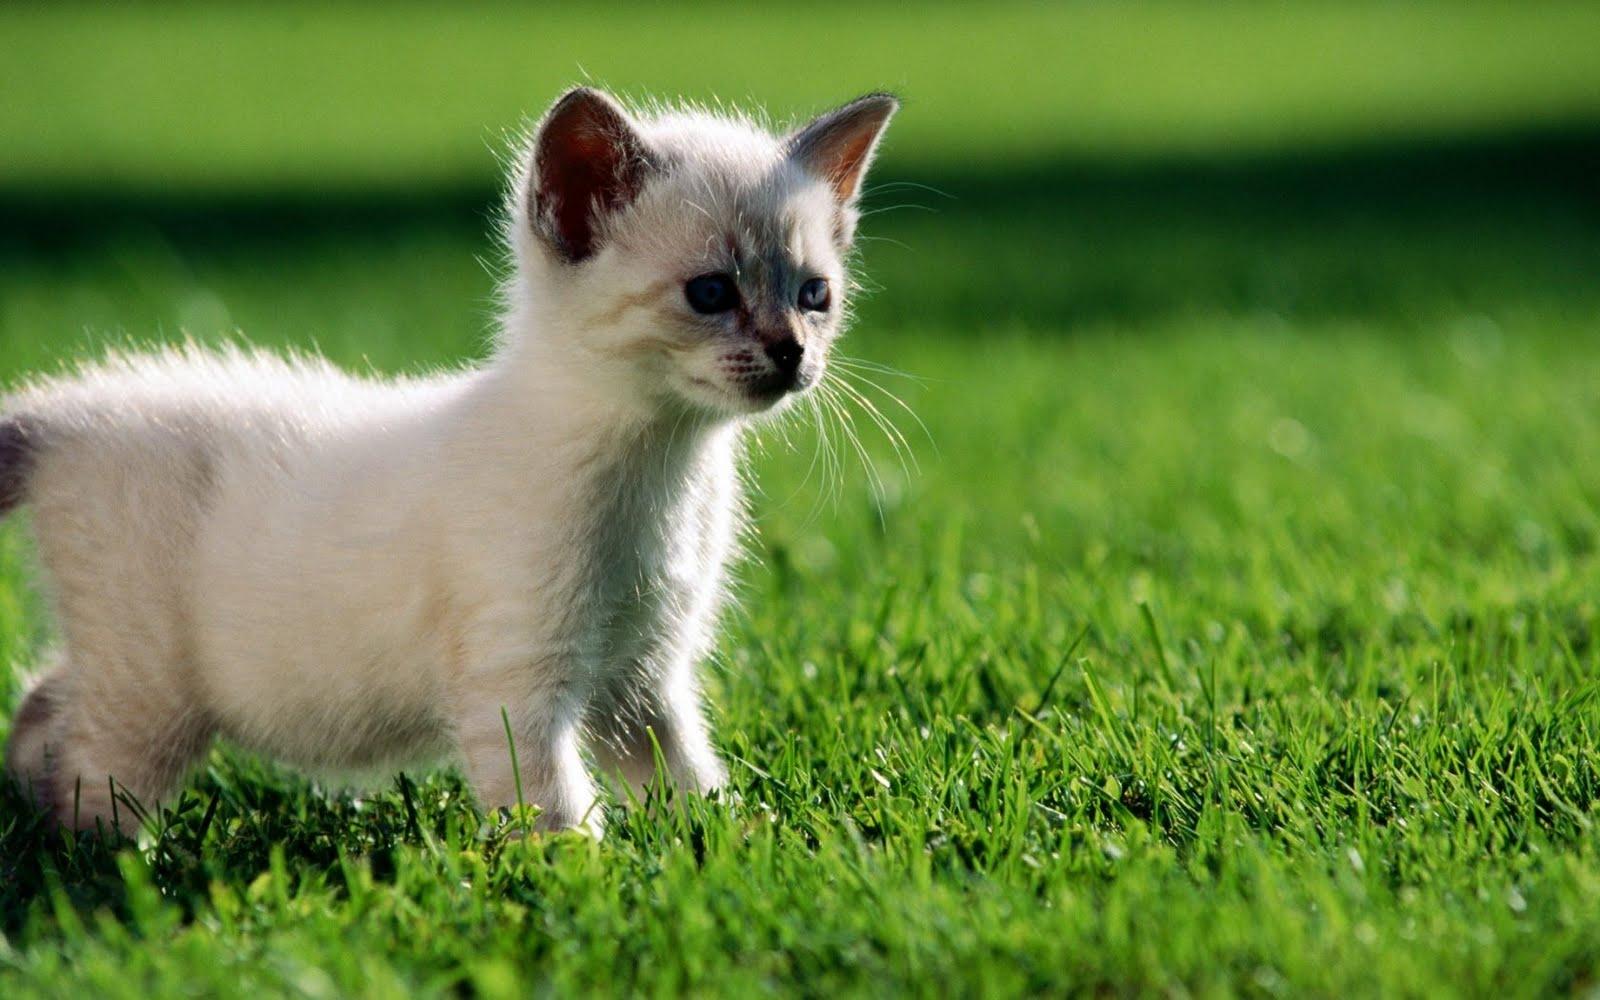 http://4.bp.blogspot.com/_3zkyrfijNIM/TFJbf-_0vNI/AAAAAAAAAYY/4Qd19XPdlQM/s1600/suspicious_cat.jpg